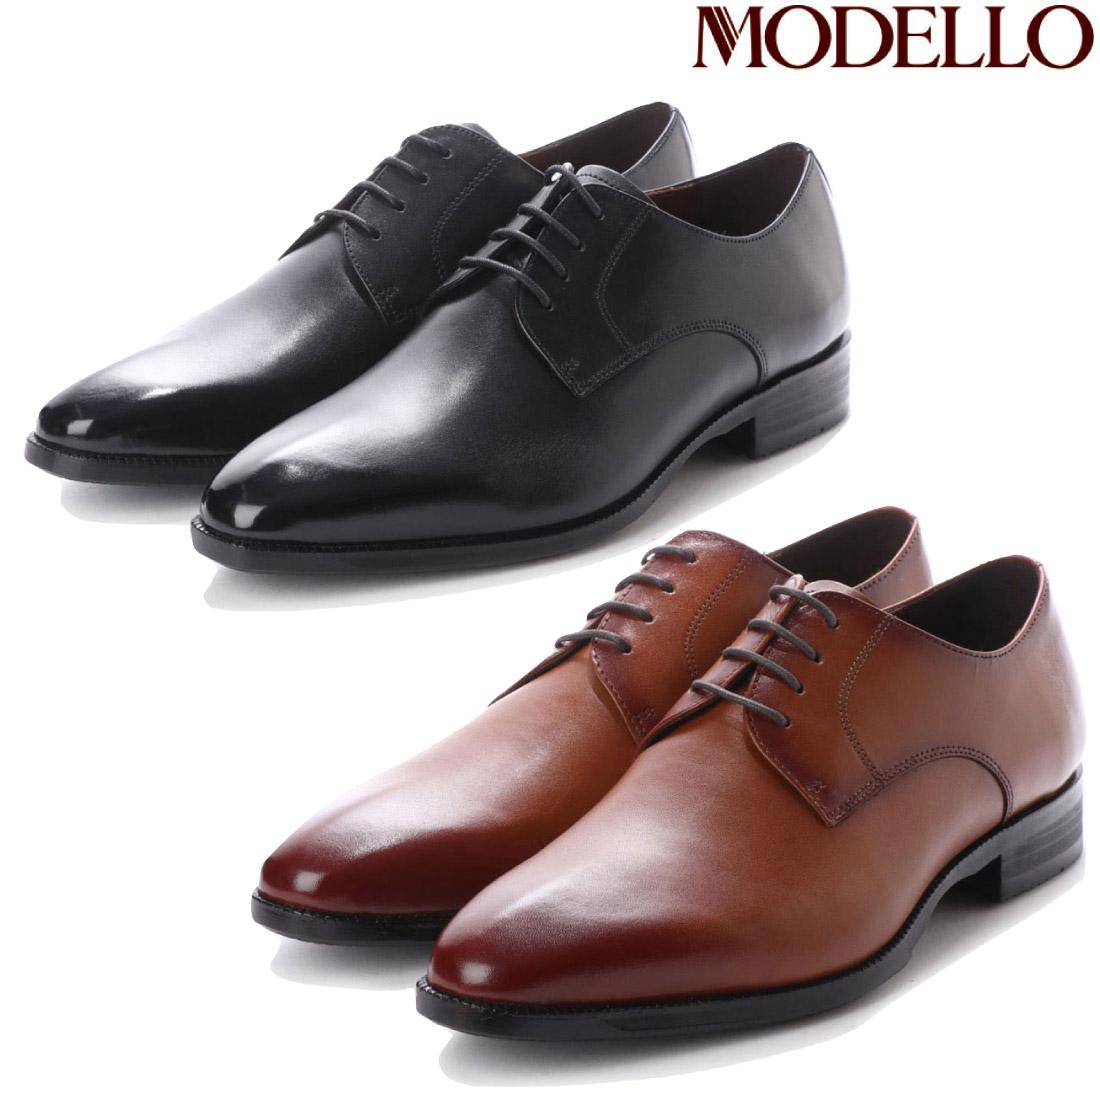 モデロ MODELLO プレーントゥ ビジネスシューズ DM5122 マドラス 革靴 【nesh】 【新品】